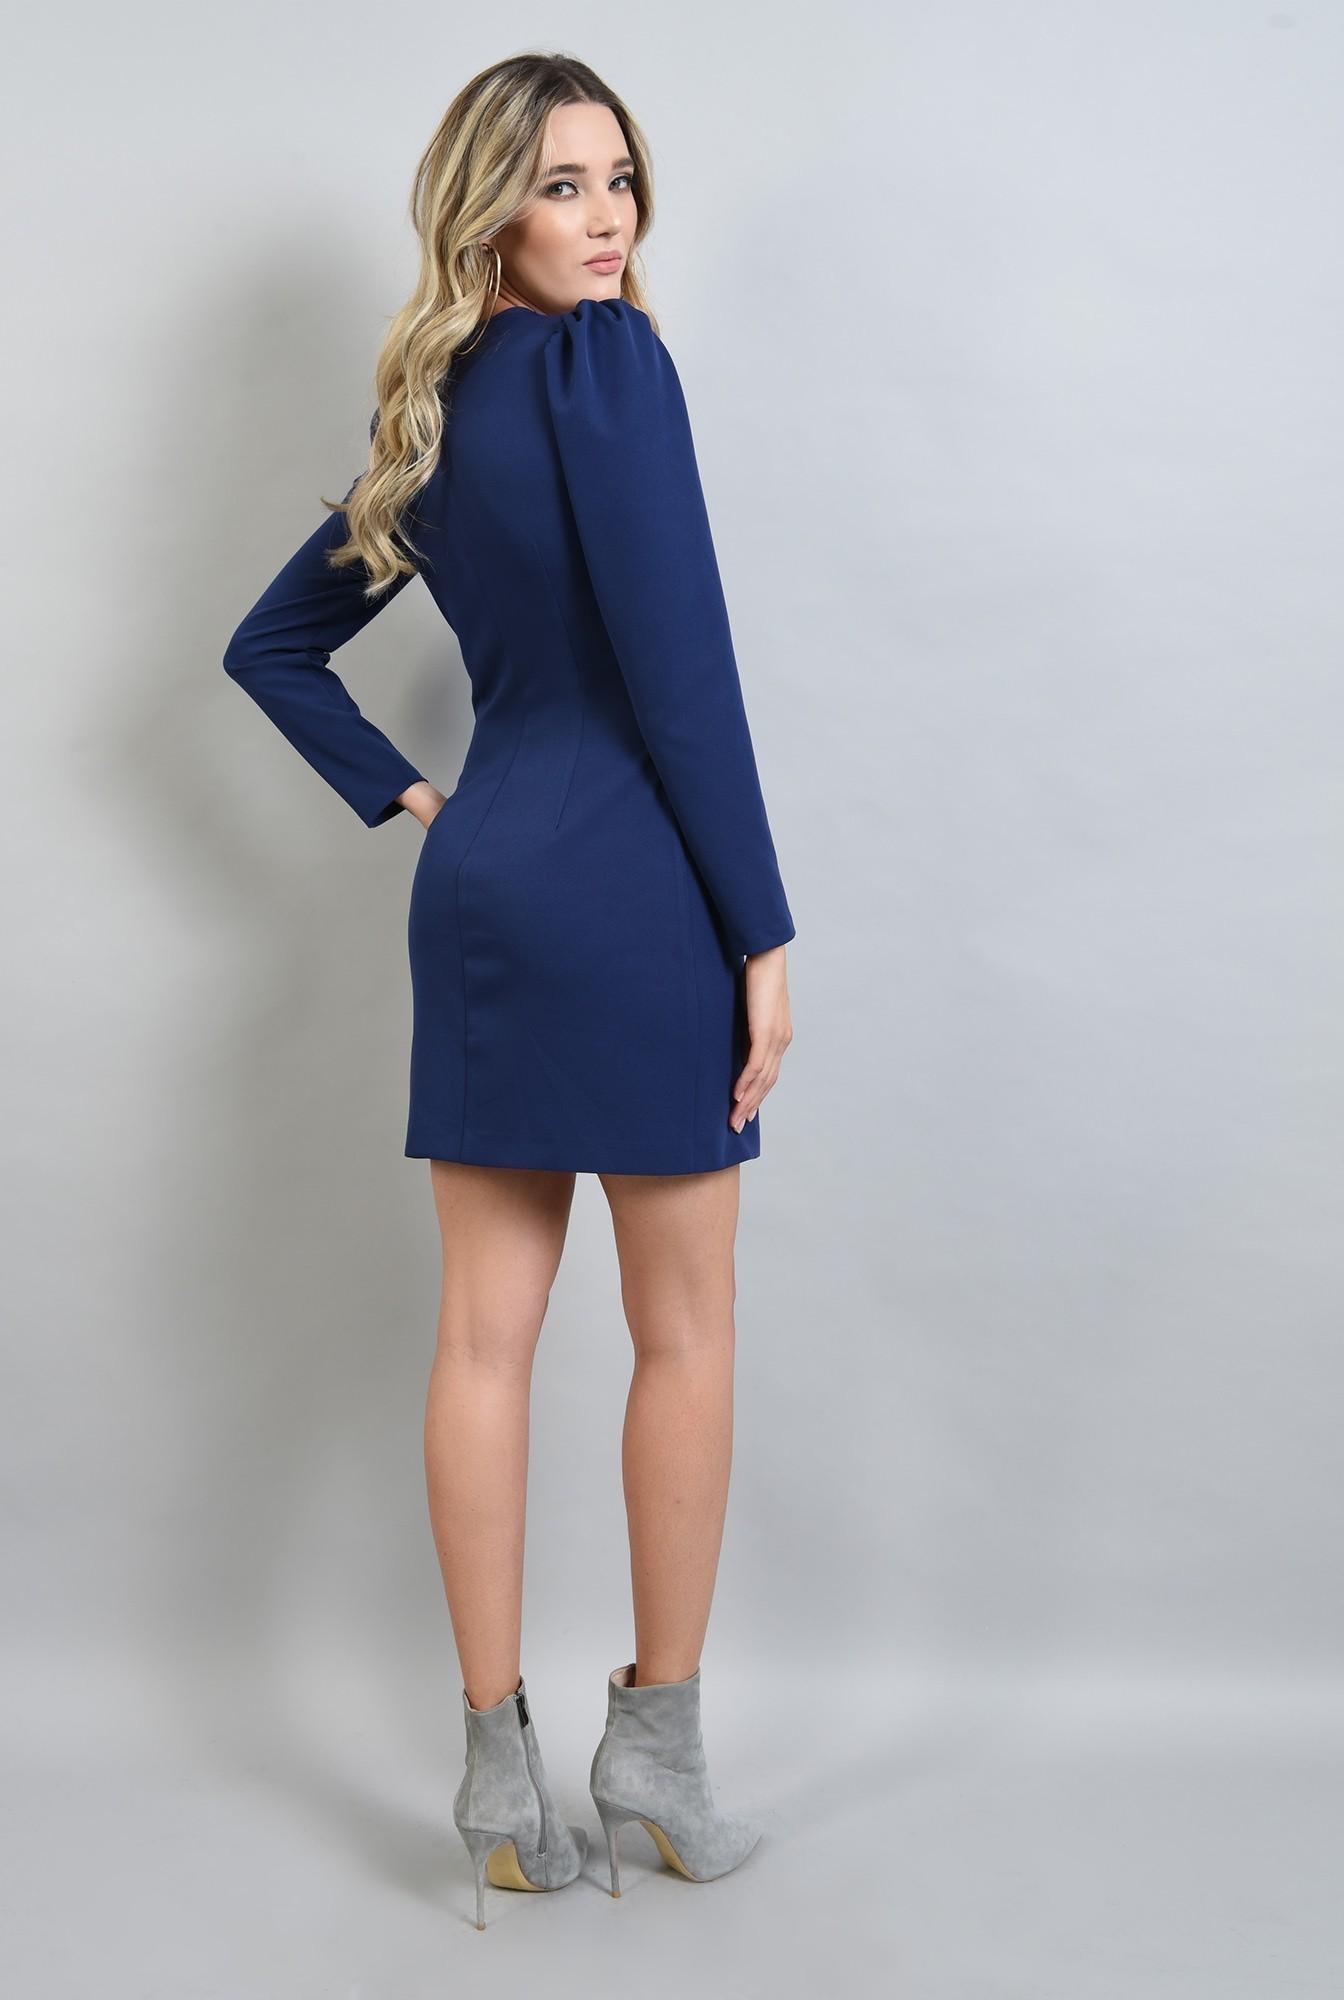 1 - rochie albastra, cu decolteu in V, cu umeri bufanti